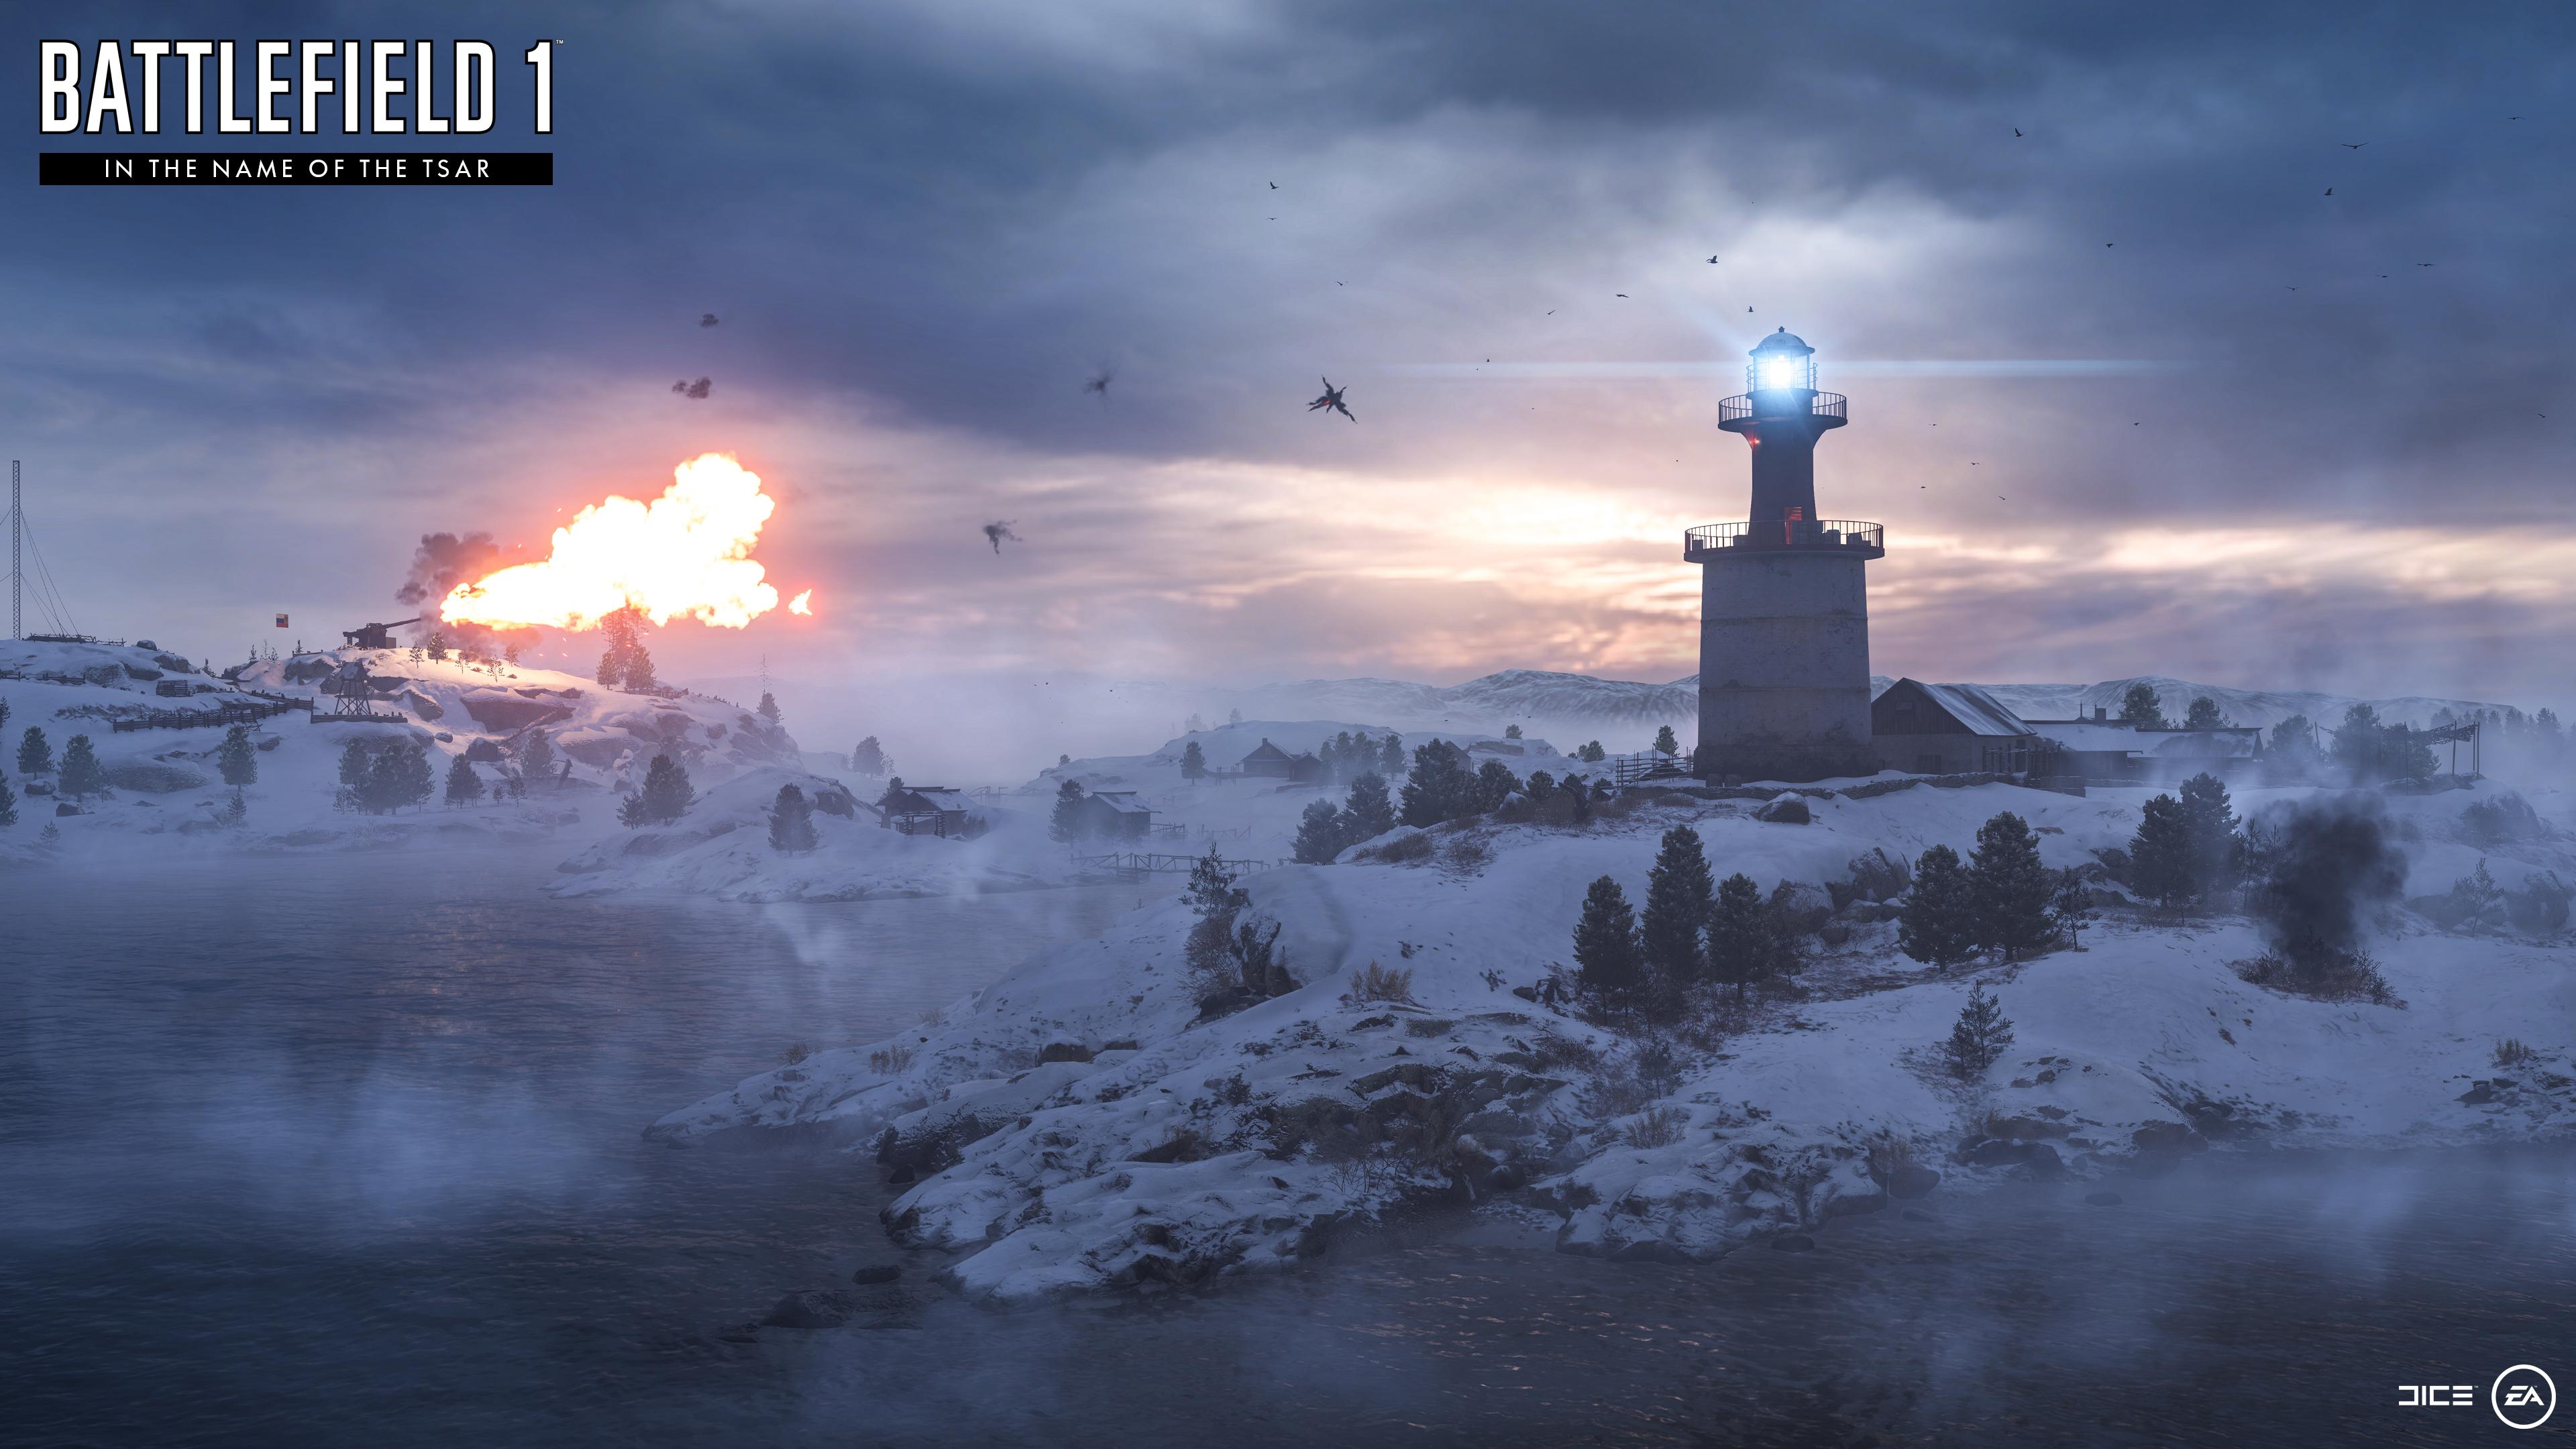 Detalles de la expansión Battlefield 1 En el nombre del zar